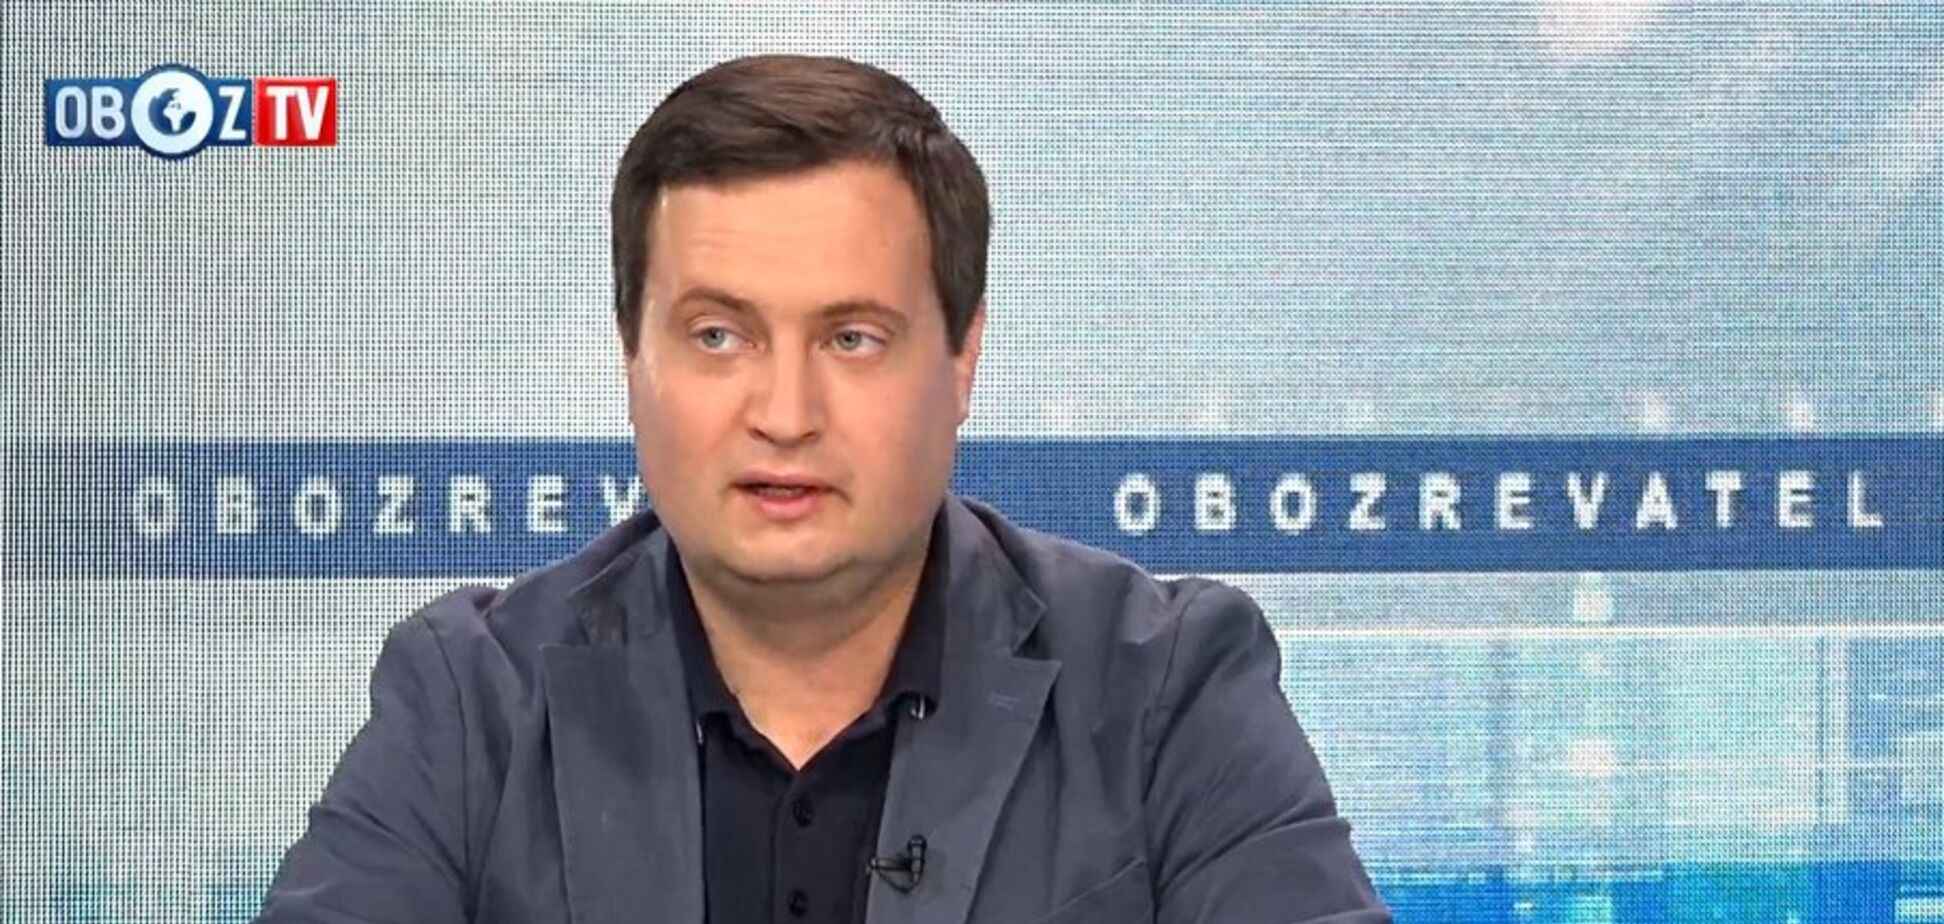 Зеленский всех не объедет и каждого не обзовет: Юсов считает манеру поведения Зеленского ''российской''